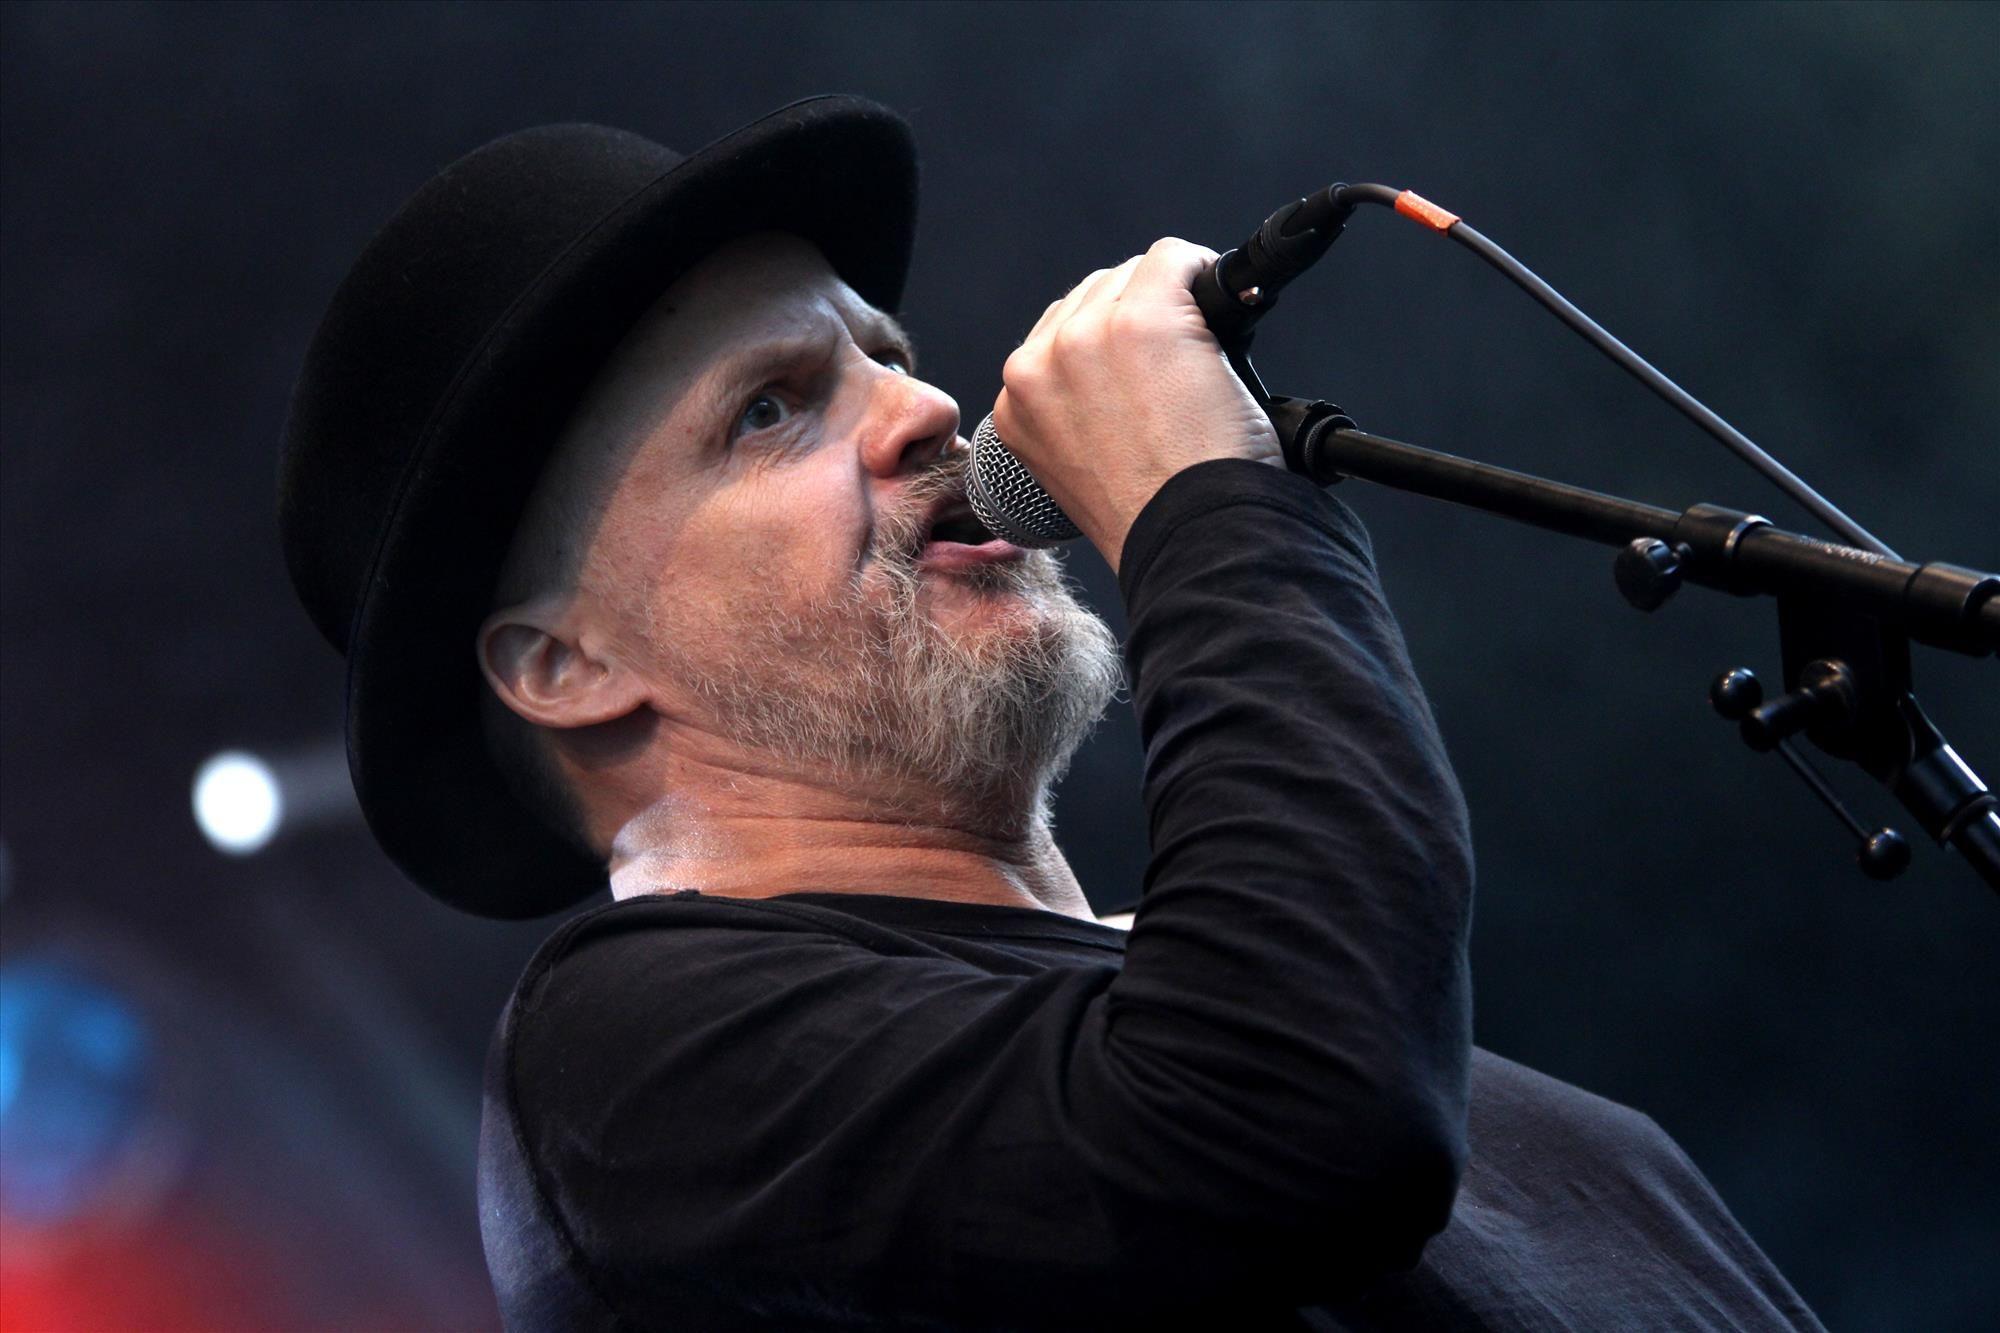 """Hubert Kahsang ausschließlich Titel seines Albums """"RockArt"""". (Foto: Björn Othlinghaus). Einen gesanglich exzellenten, aber extrem eigenwilligen und deshalb leider wenig beachteten Gig…"""